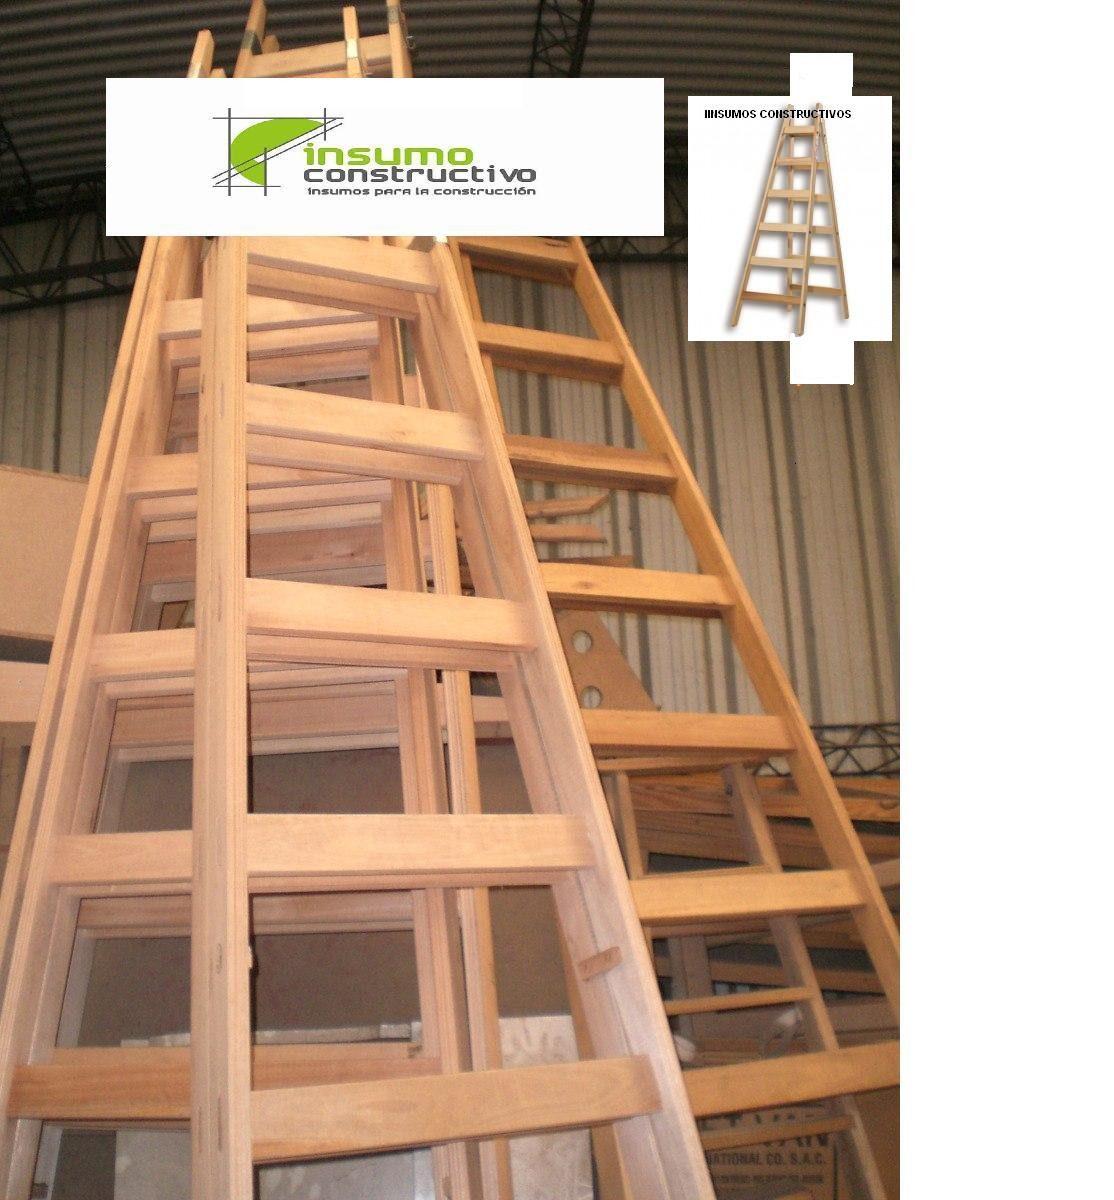 Escalera pintor en madera 10 escalones reforzada - Escalera de madera de pintor ...